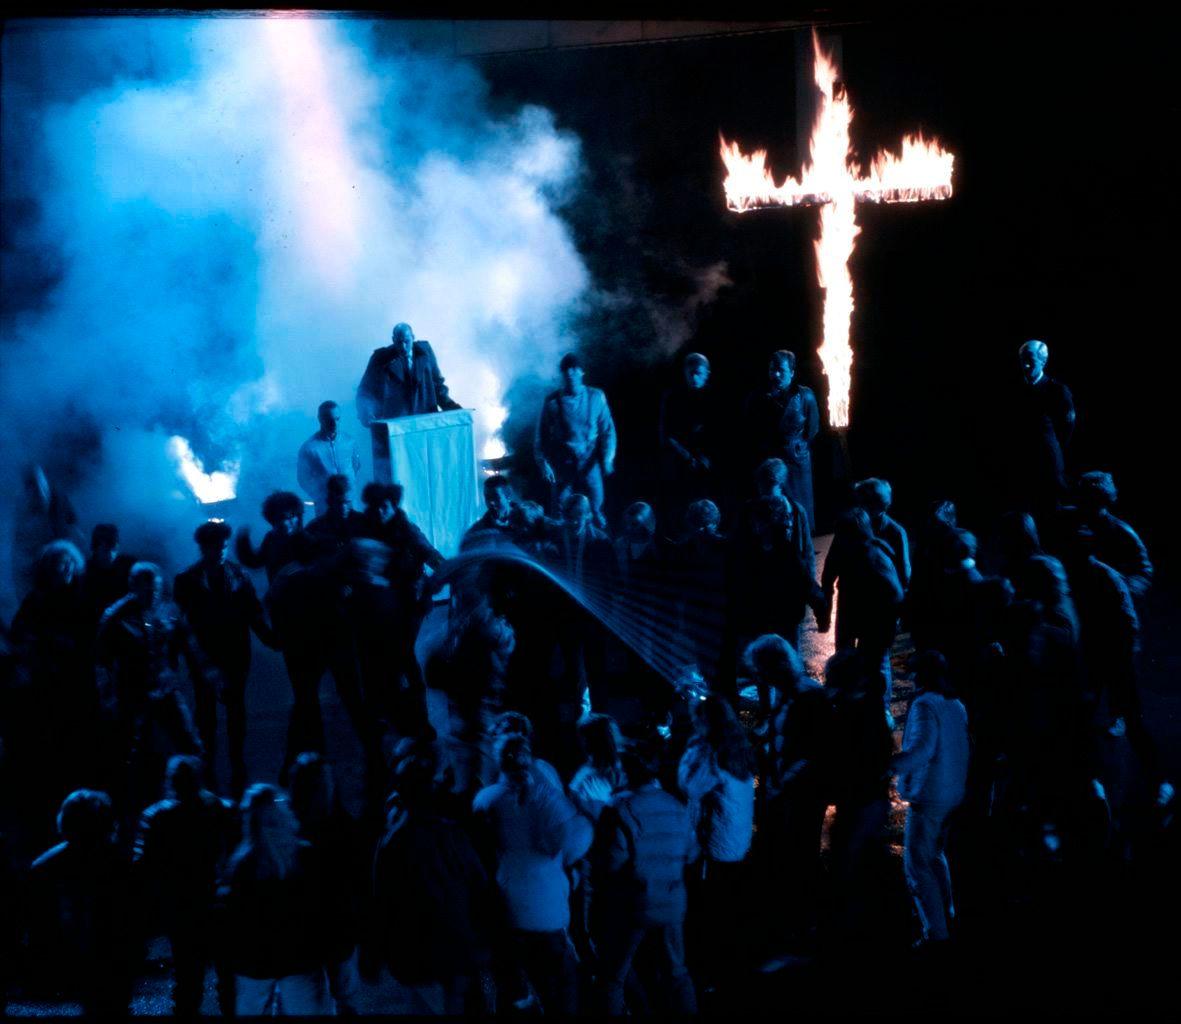 BLÅMANDAG: «Adjø Solidaritet» avslutter trilogien «Sangen om den knuste drømmen» med en virkelig kalddusj.  FOTO: NORDISK FILM